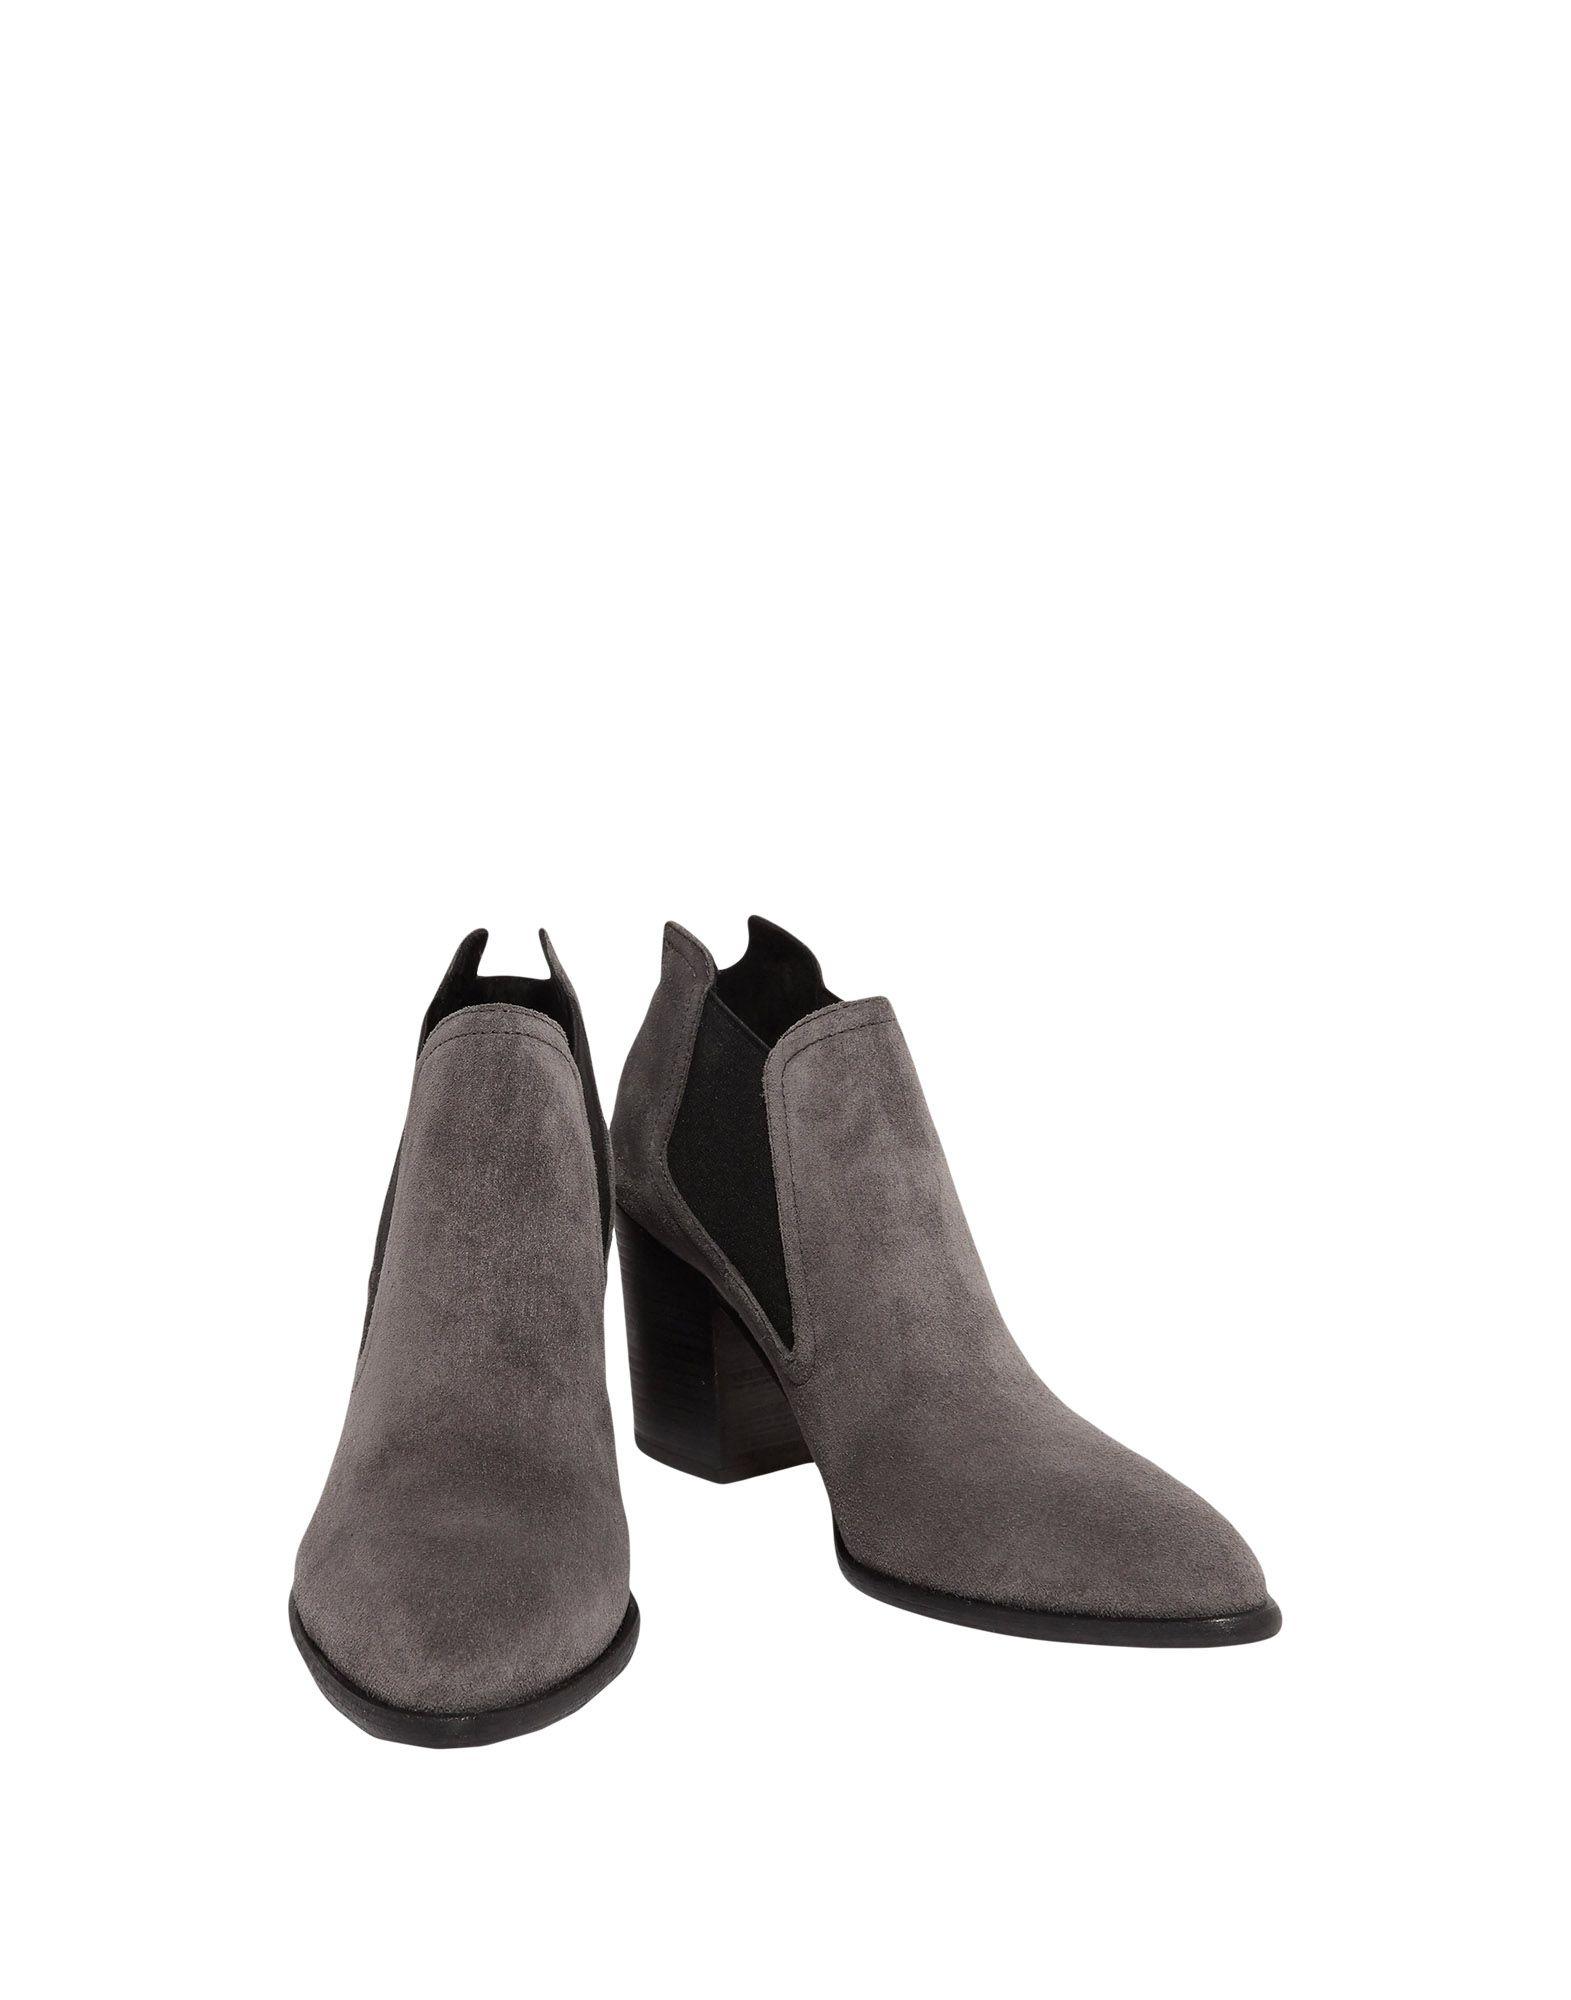 Sigerson Morrison Stiefelette Damen  11512473EUGut aussehende strapazierfähige Schuhe